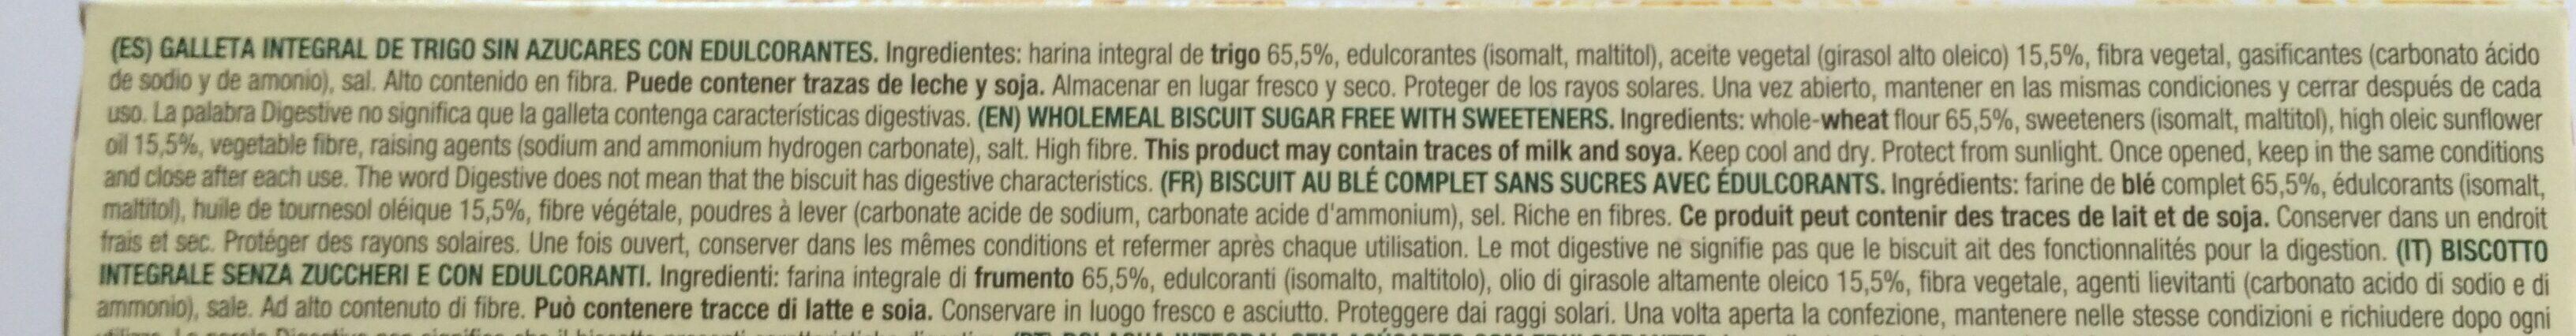 Diet Nature Digestive sin azúcares - المكونات - fr